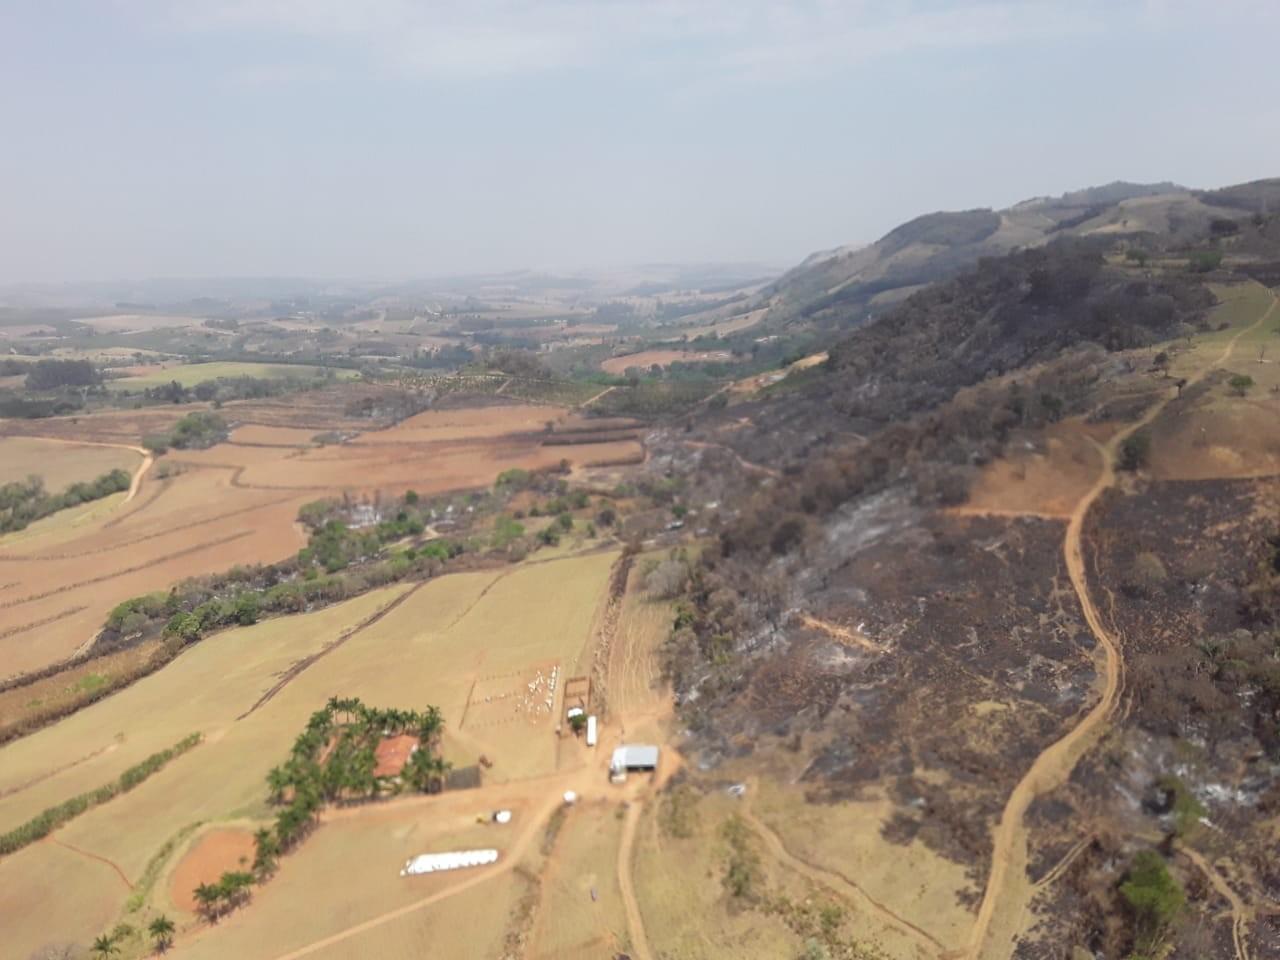 Incêndio no Pico do Gavião já destruiu mais de 360 hectares de vegetação